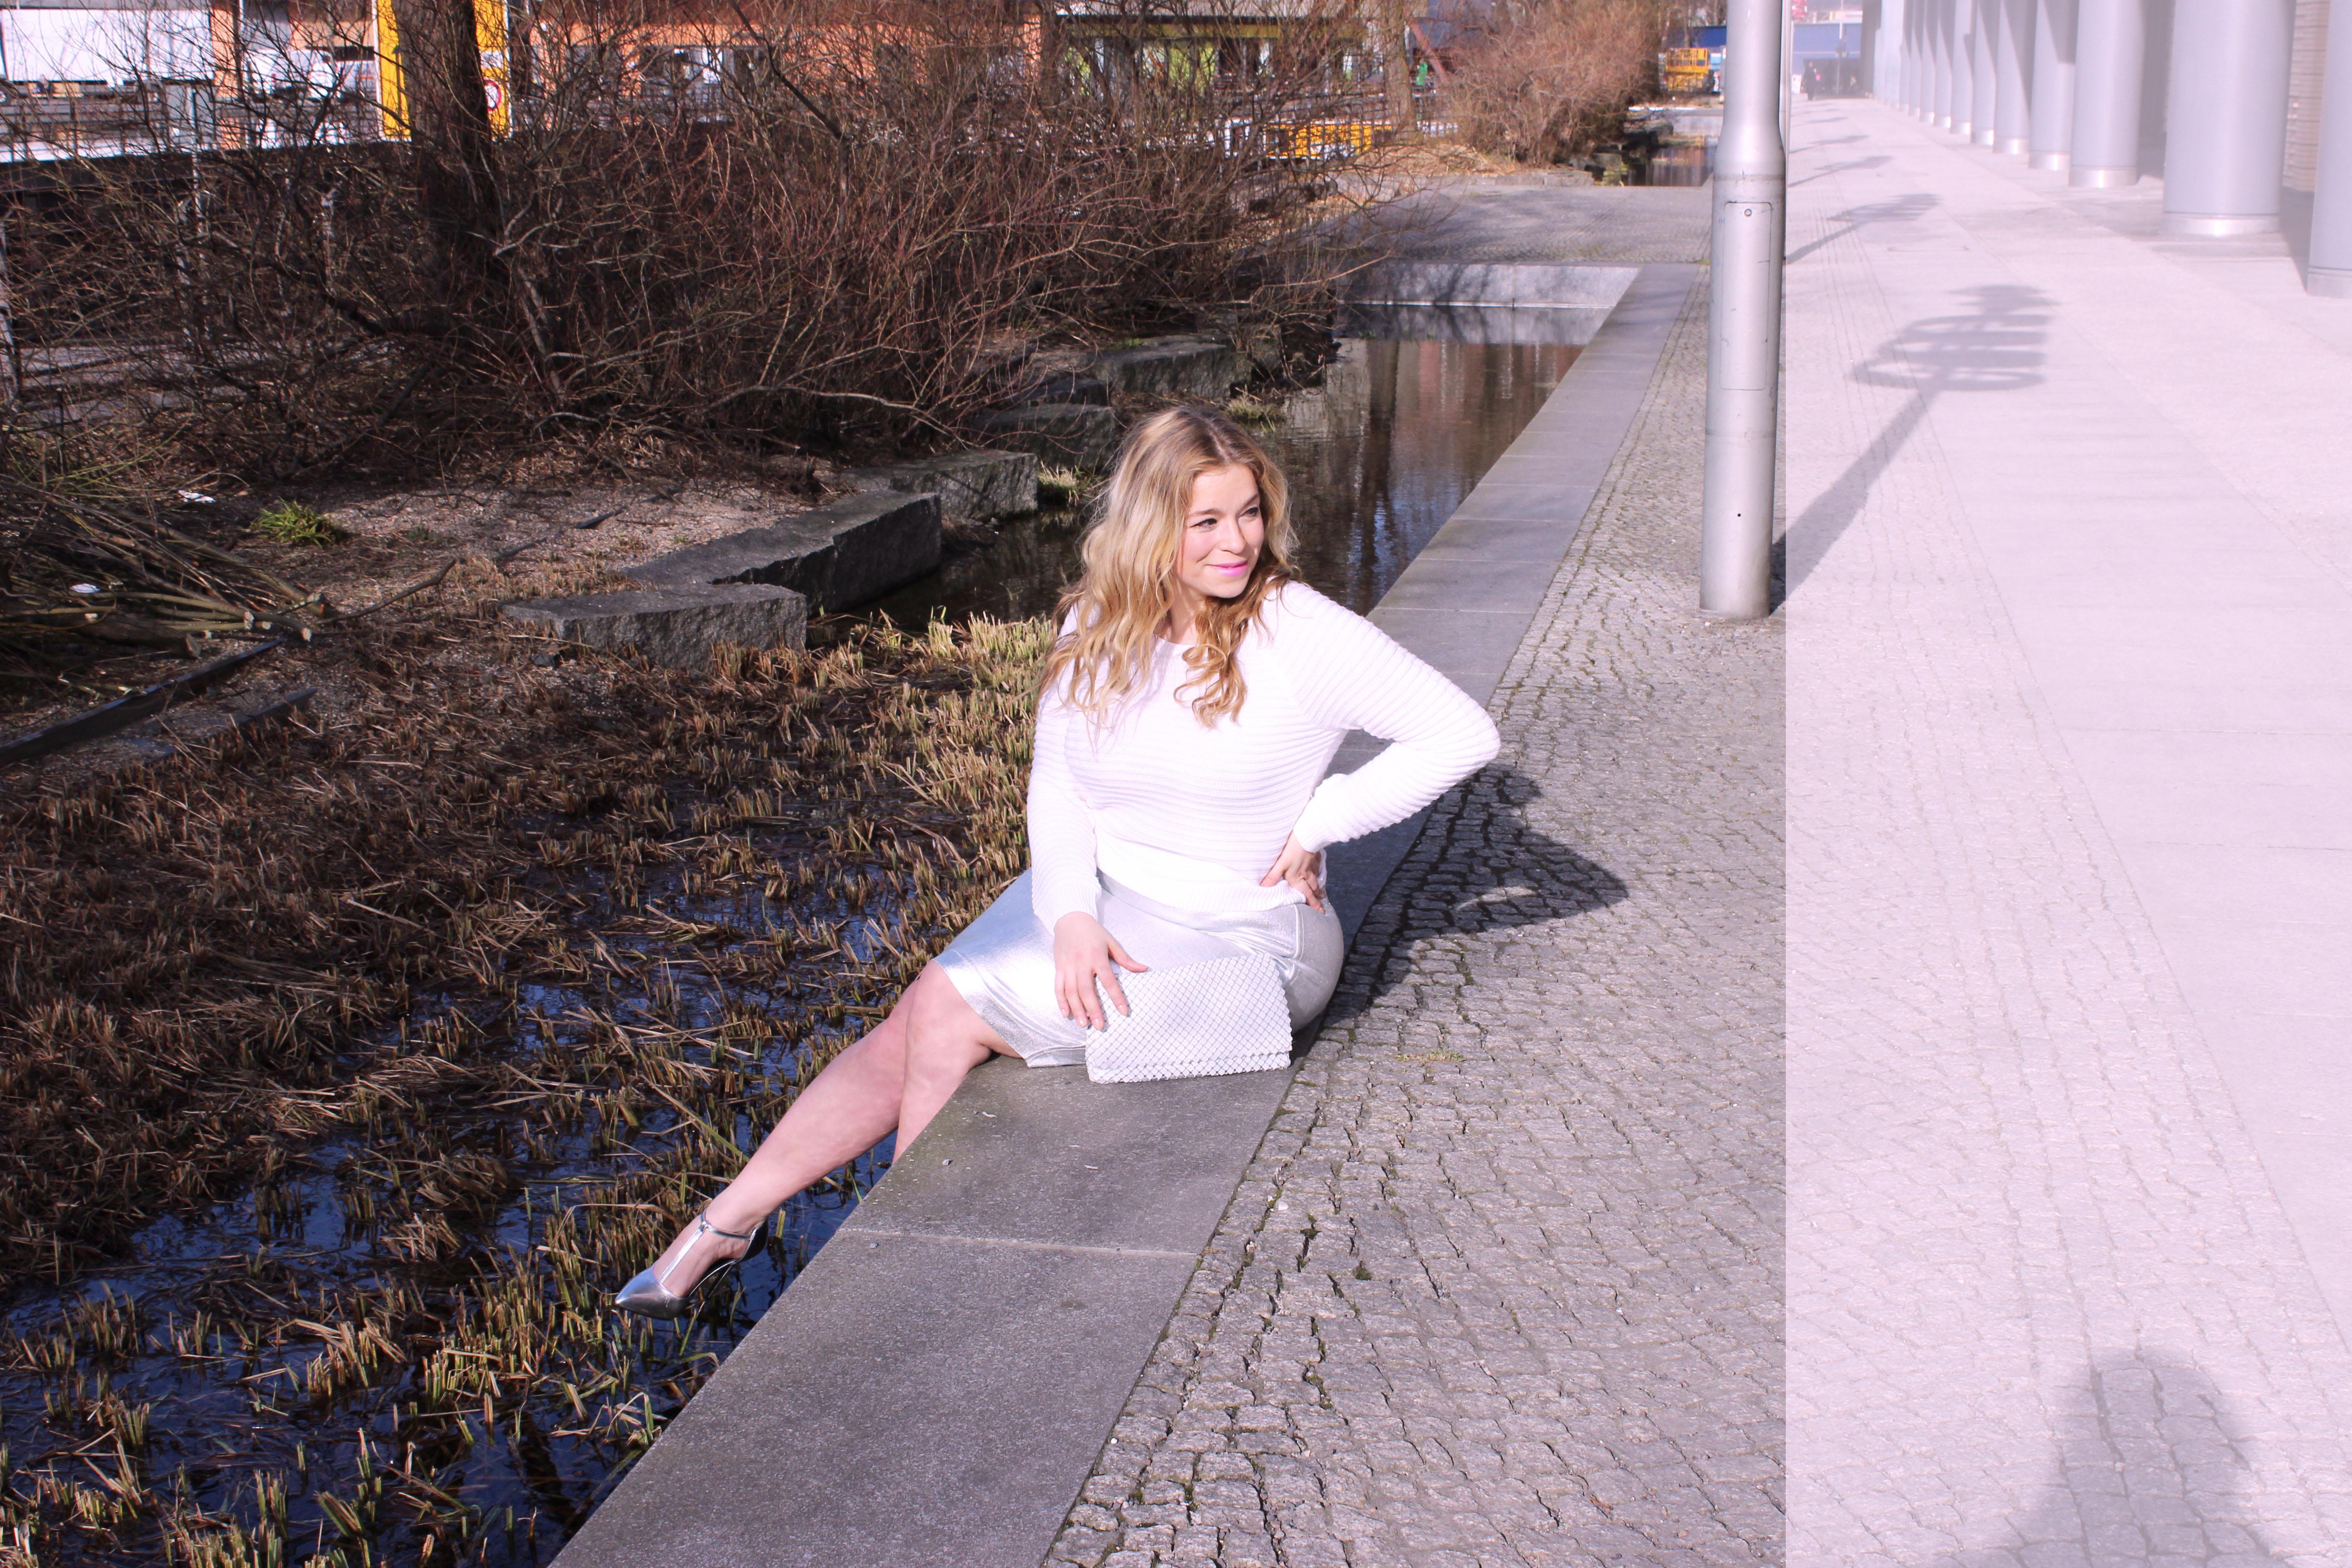 caterina-megabambi-pogorzelski-Plussize-curvy-Mode-Blog-Berlin